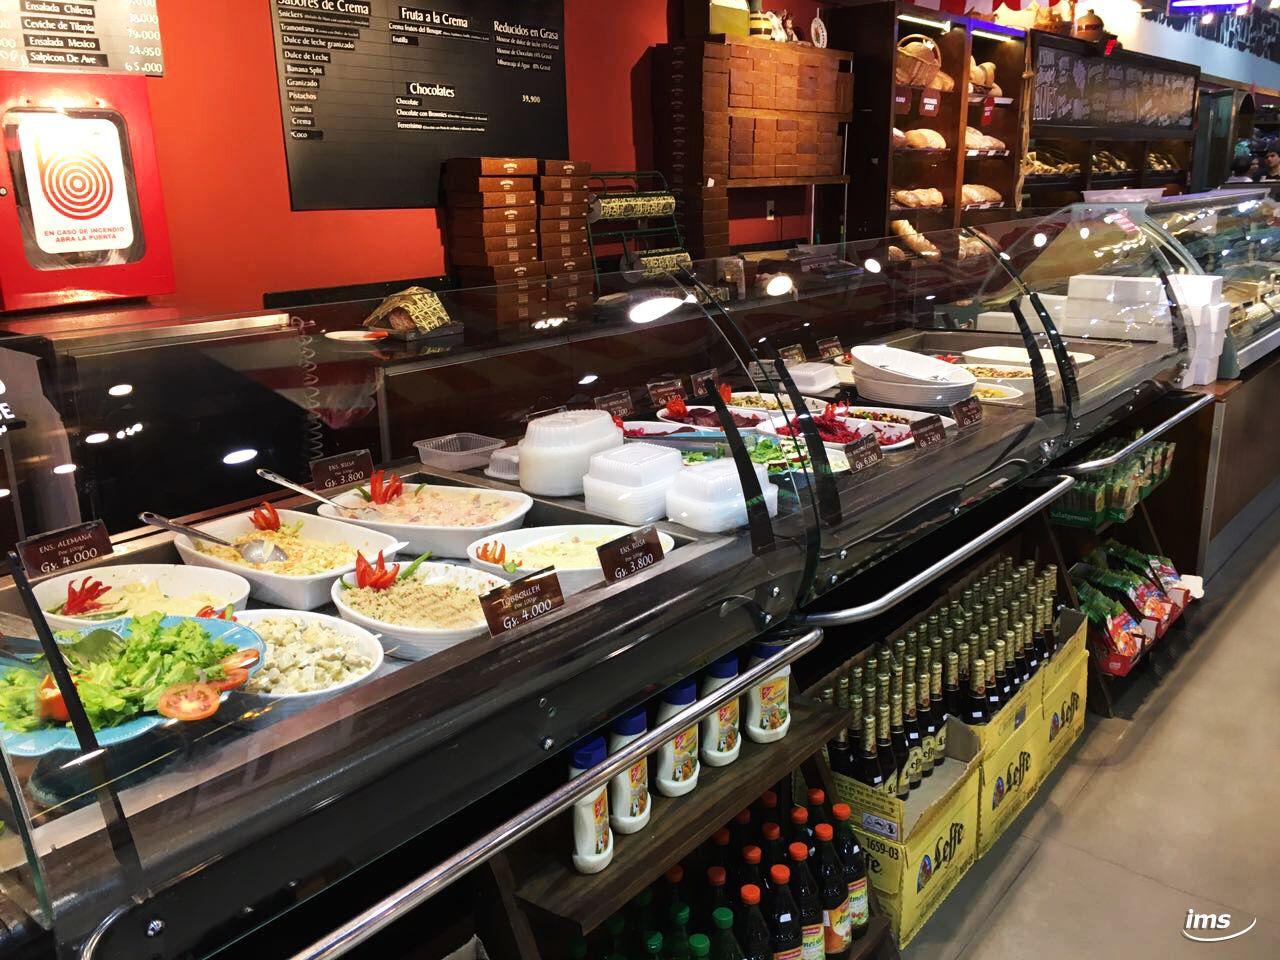 Supermercado Casa Rica En Asuncion Paraguay Supermarket Casa